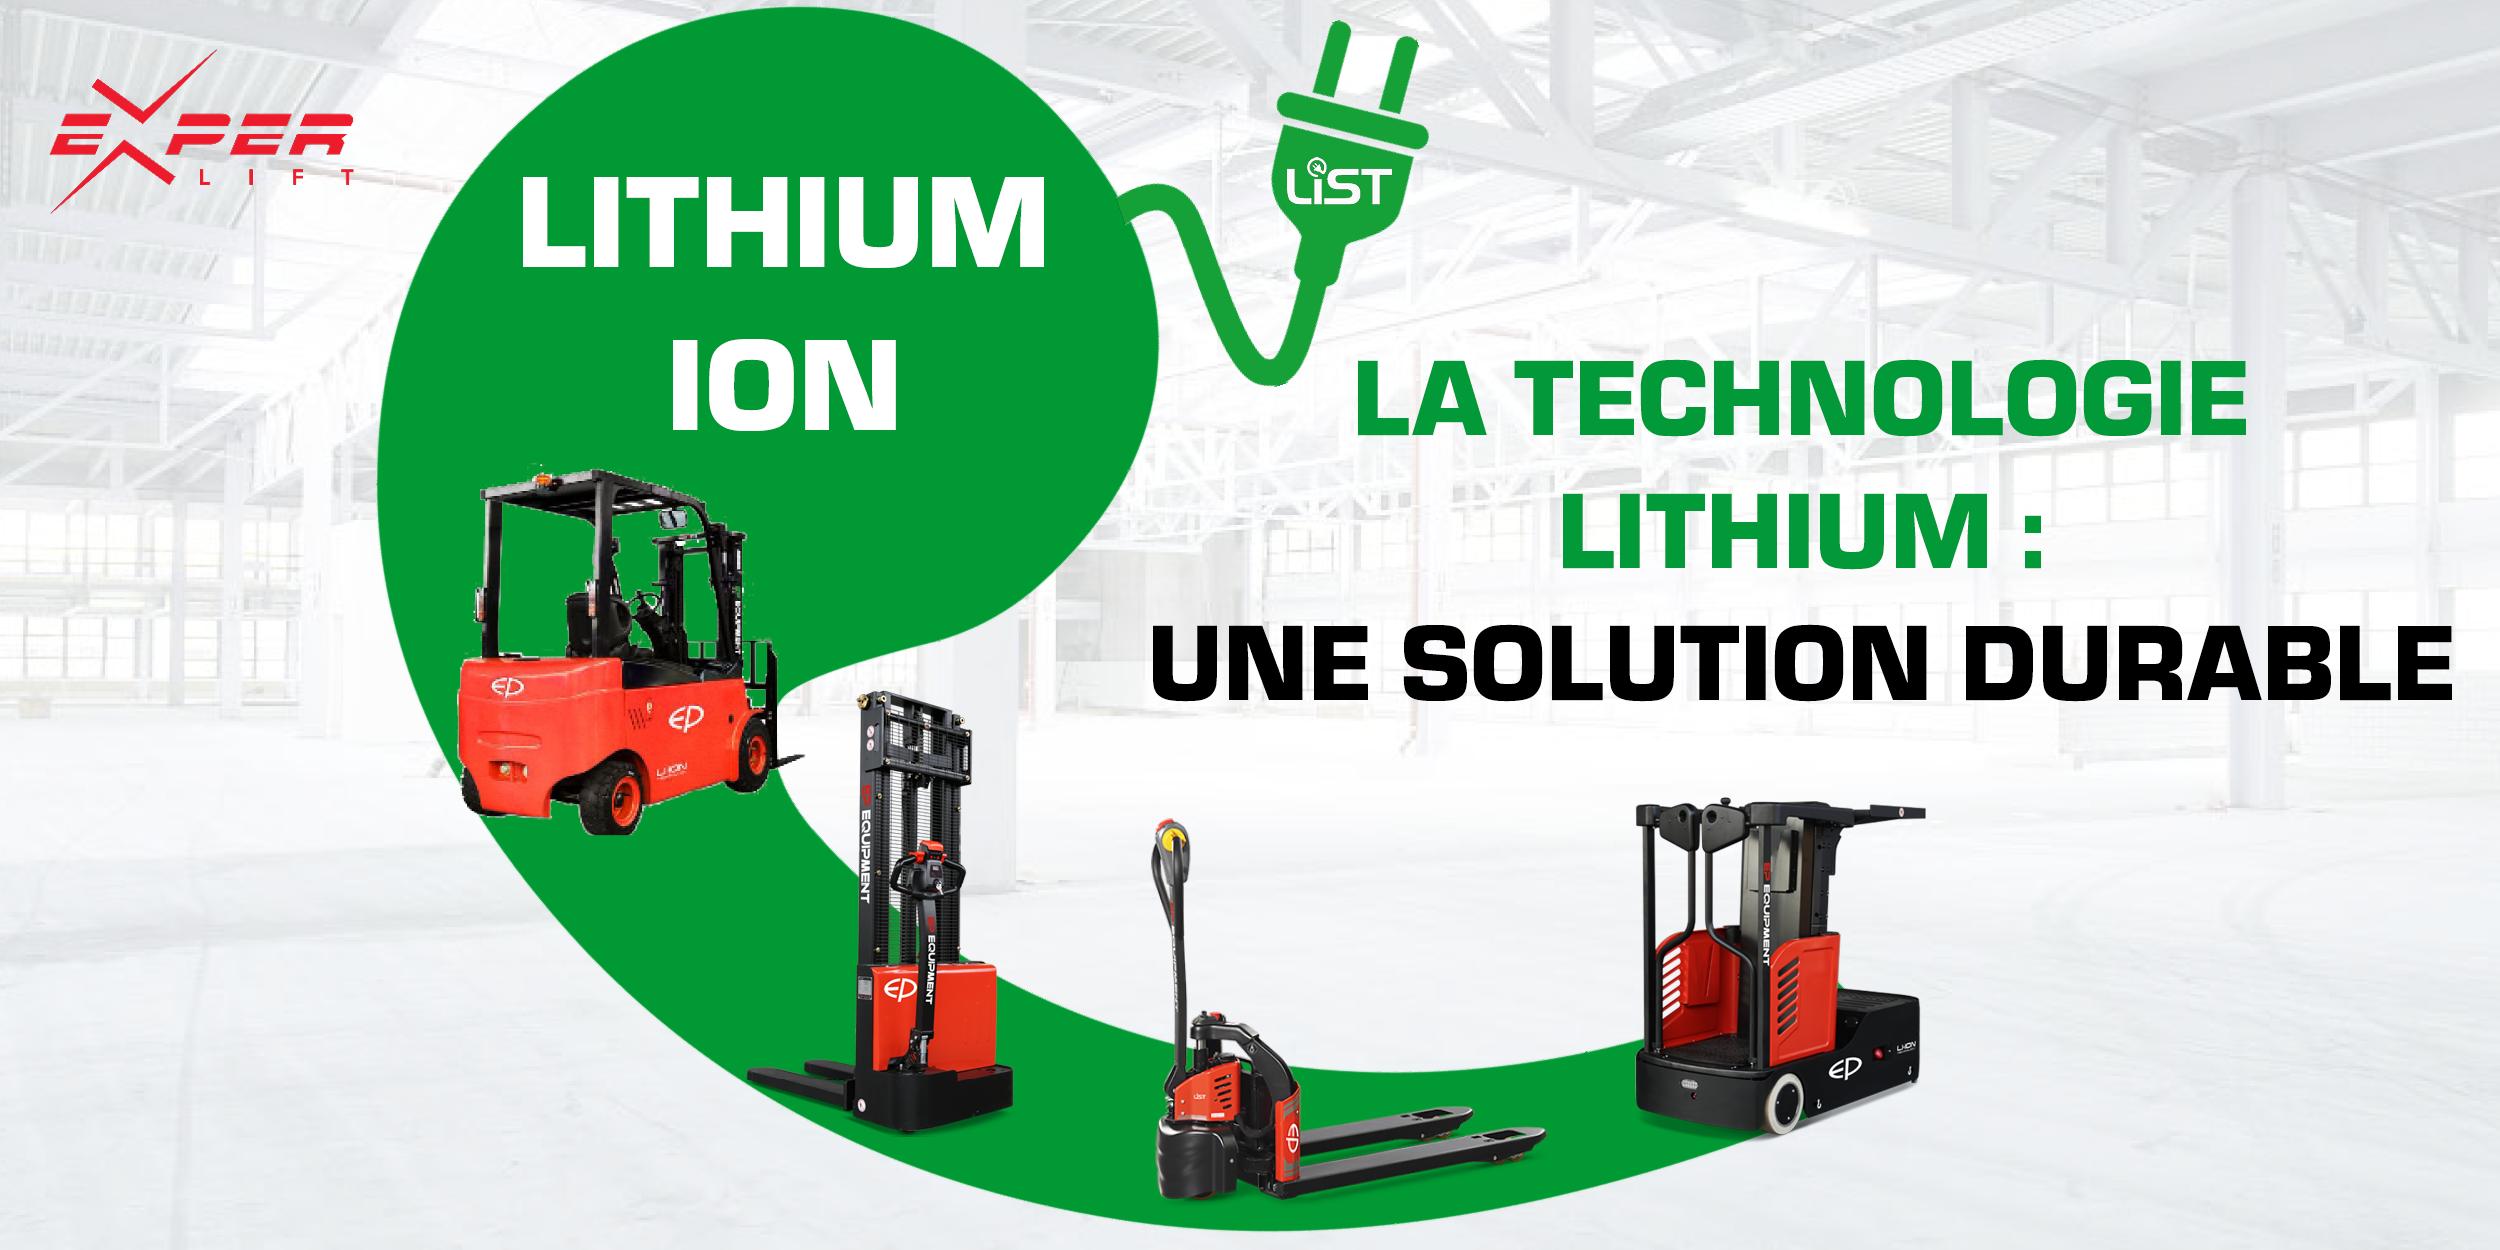 La technologie Lithium, une solution durable